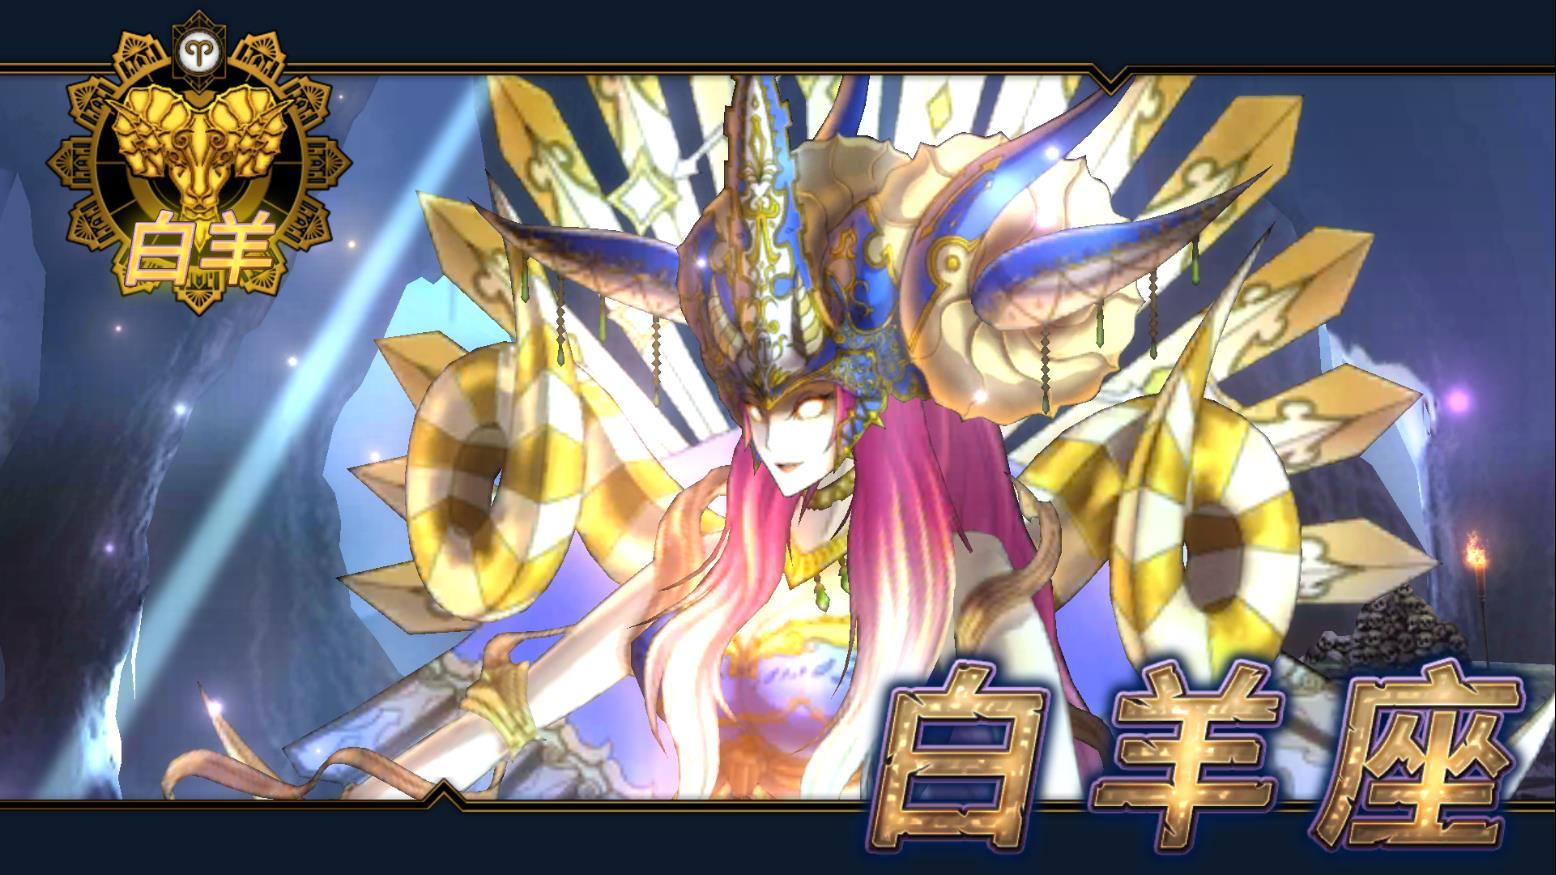 遊戲有黃道十二宮的「伊多拉」可以挑戰